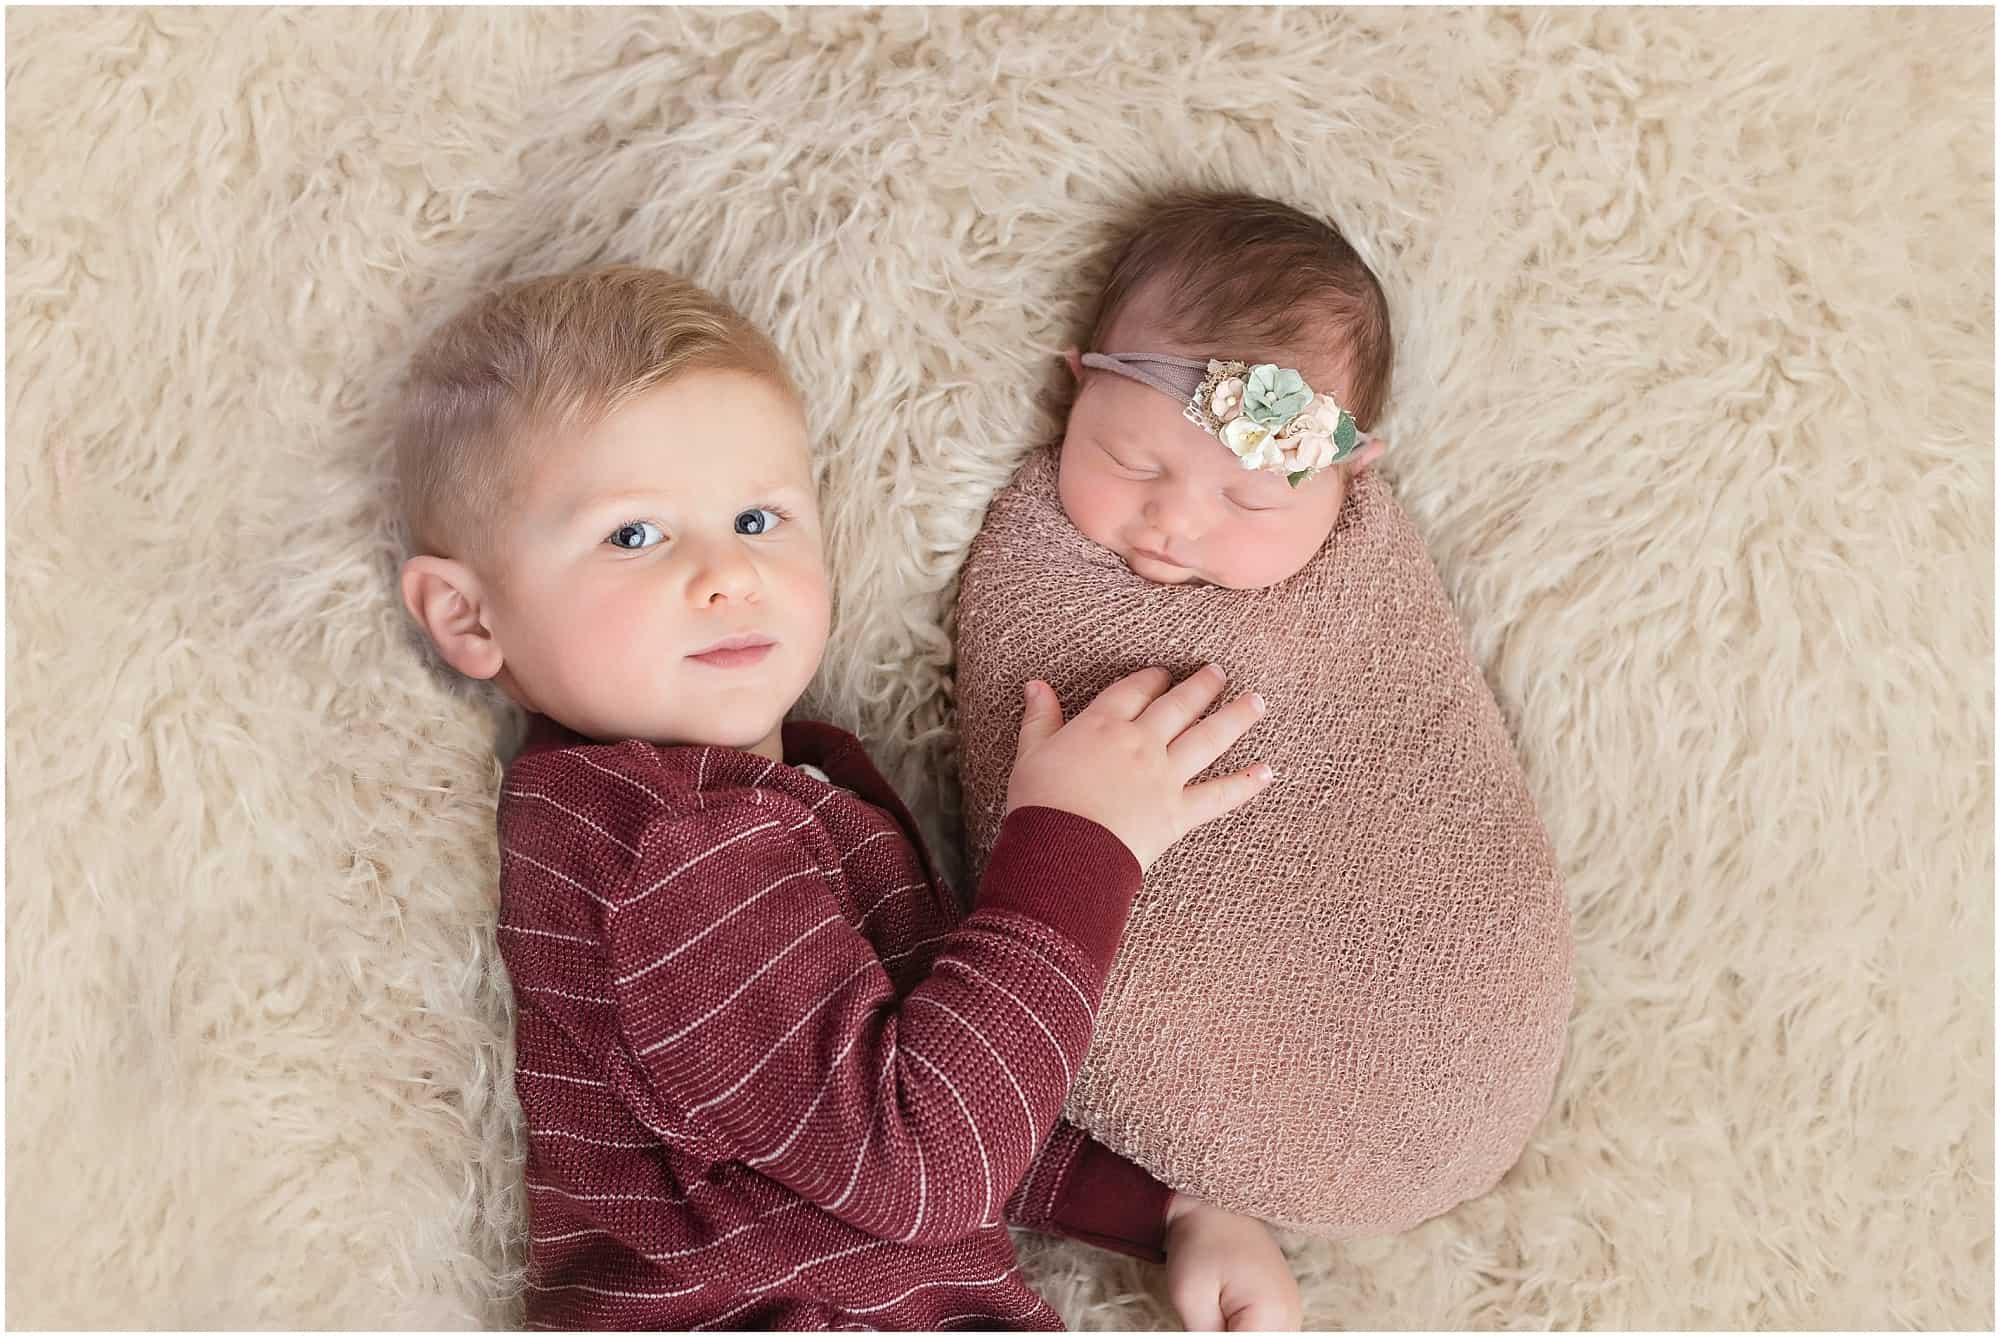 child and newborn photographer tiffany murray